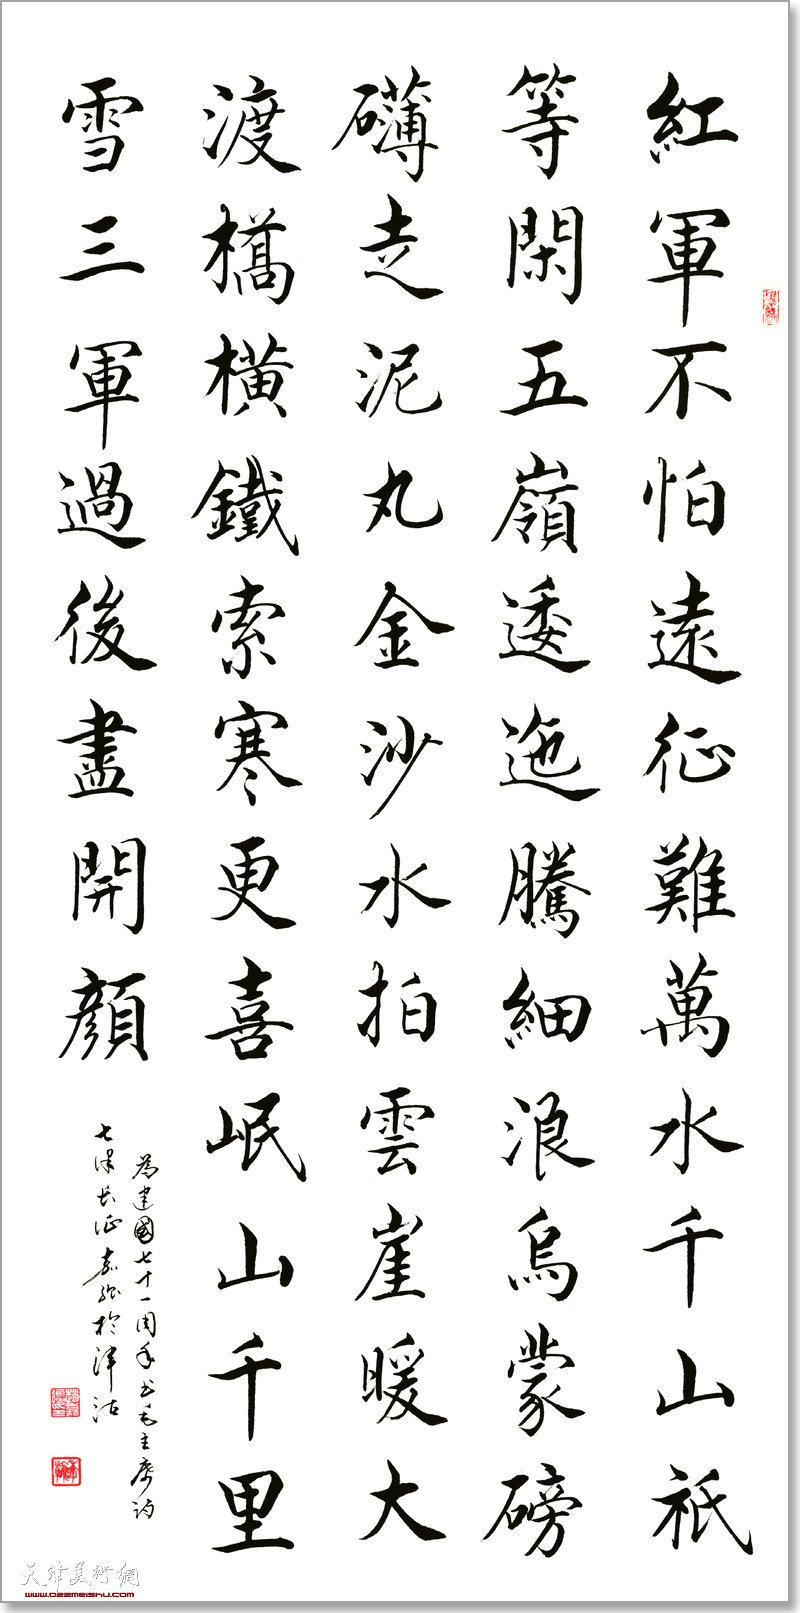 赵嘉强作品:毛泽东七律·长征